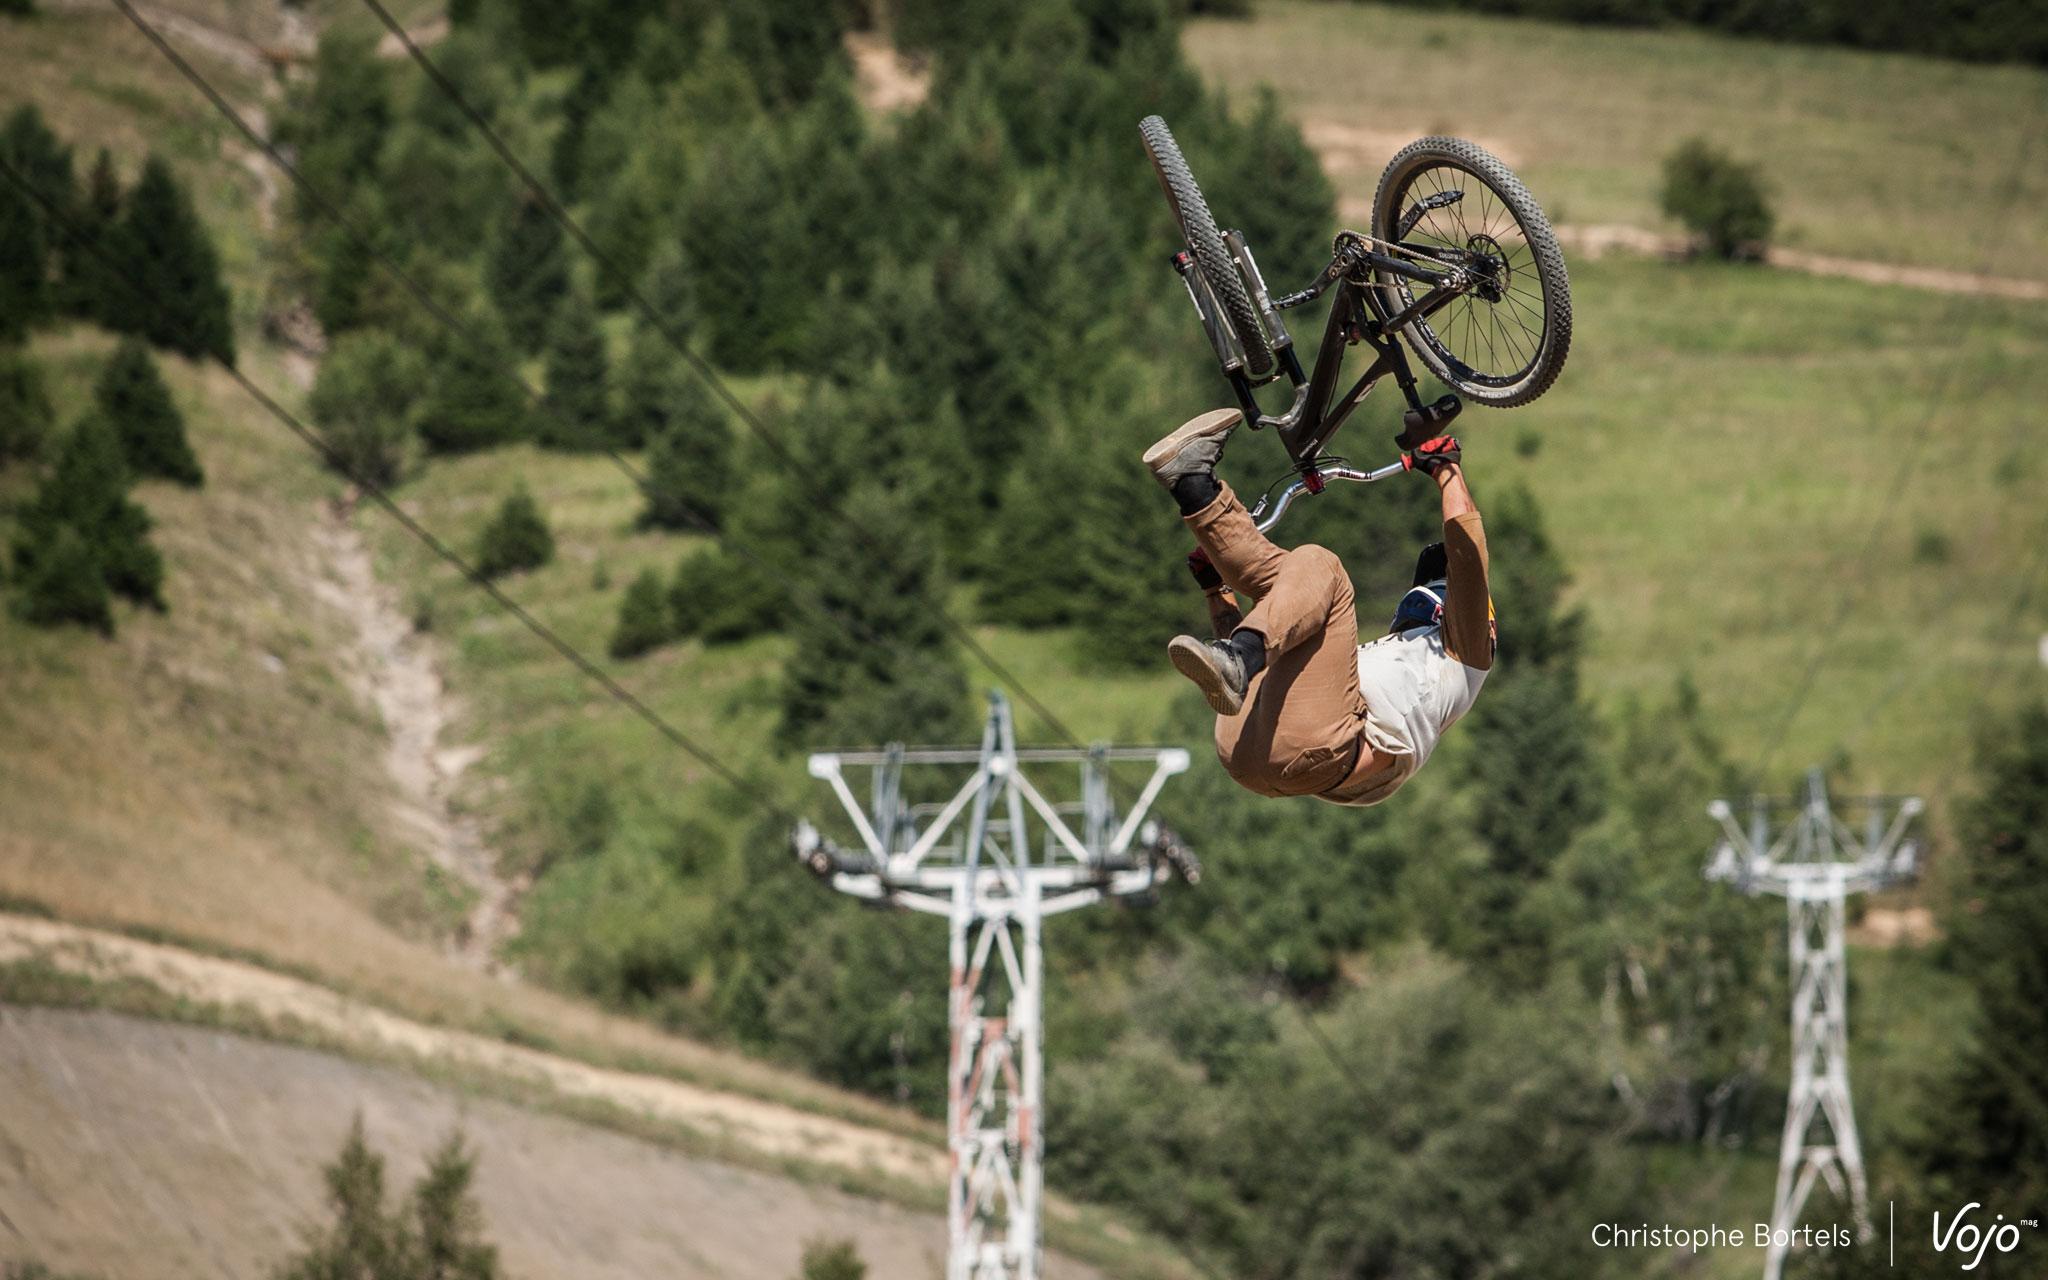 crankworx-L2A-slopestyle-06